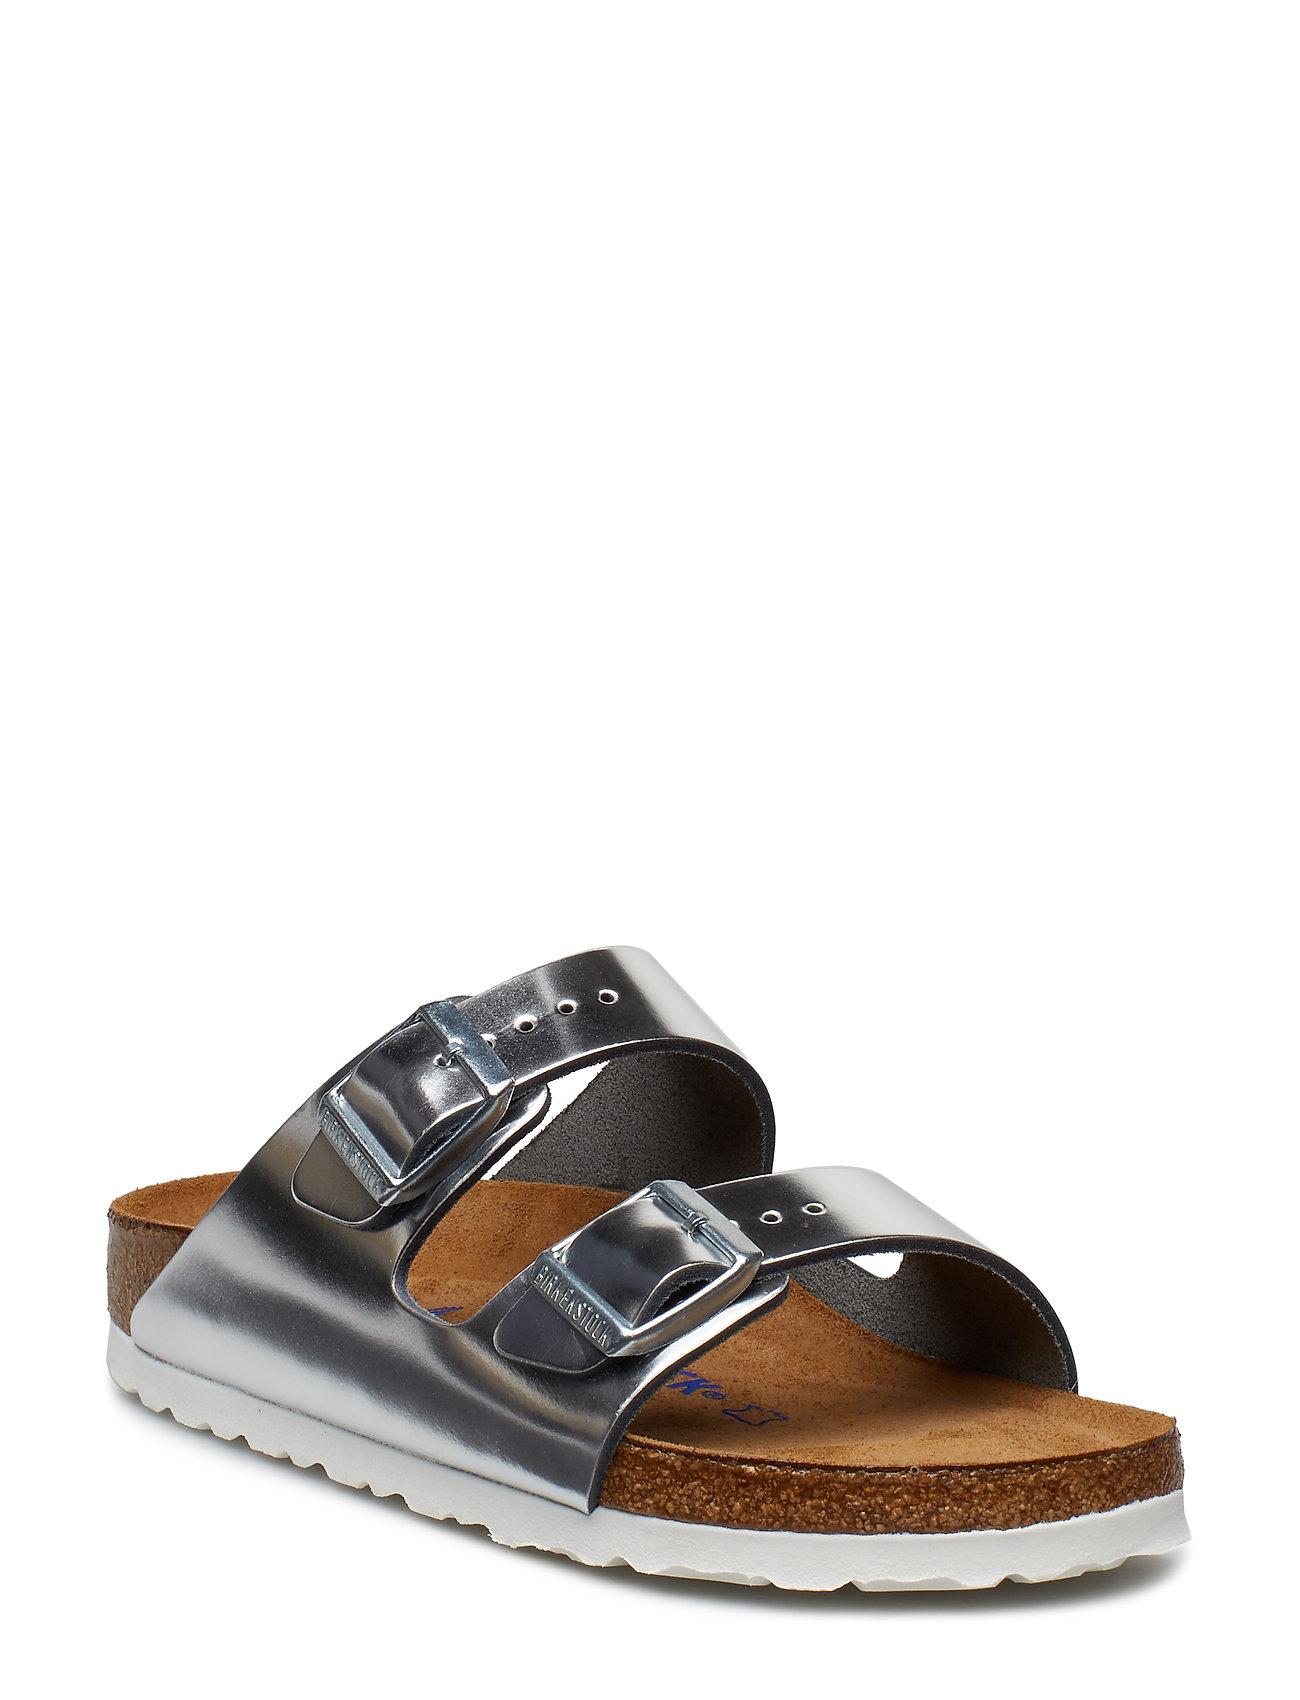 Birkenstock Arizona Hopea Naisten kengät abd4588f89